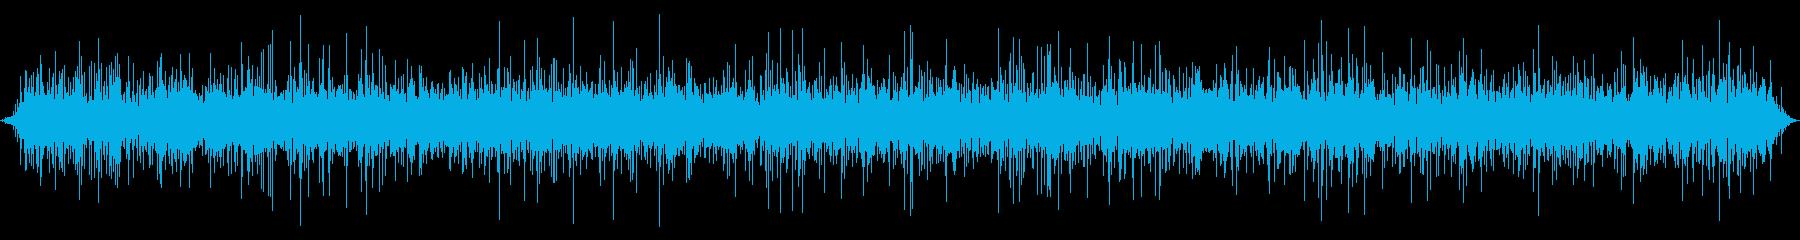 ブルックオアストリーム:明るい明る...の再生済みの波形